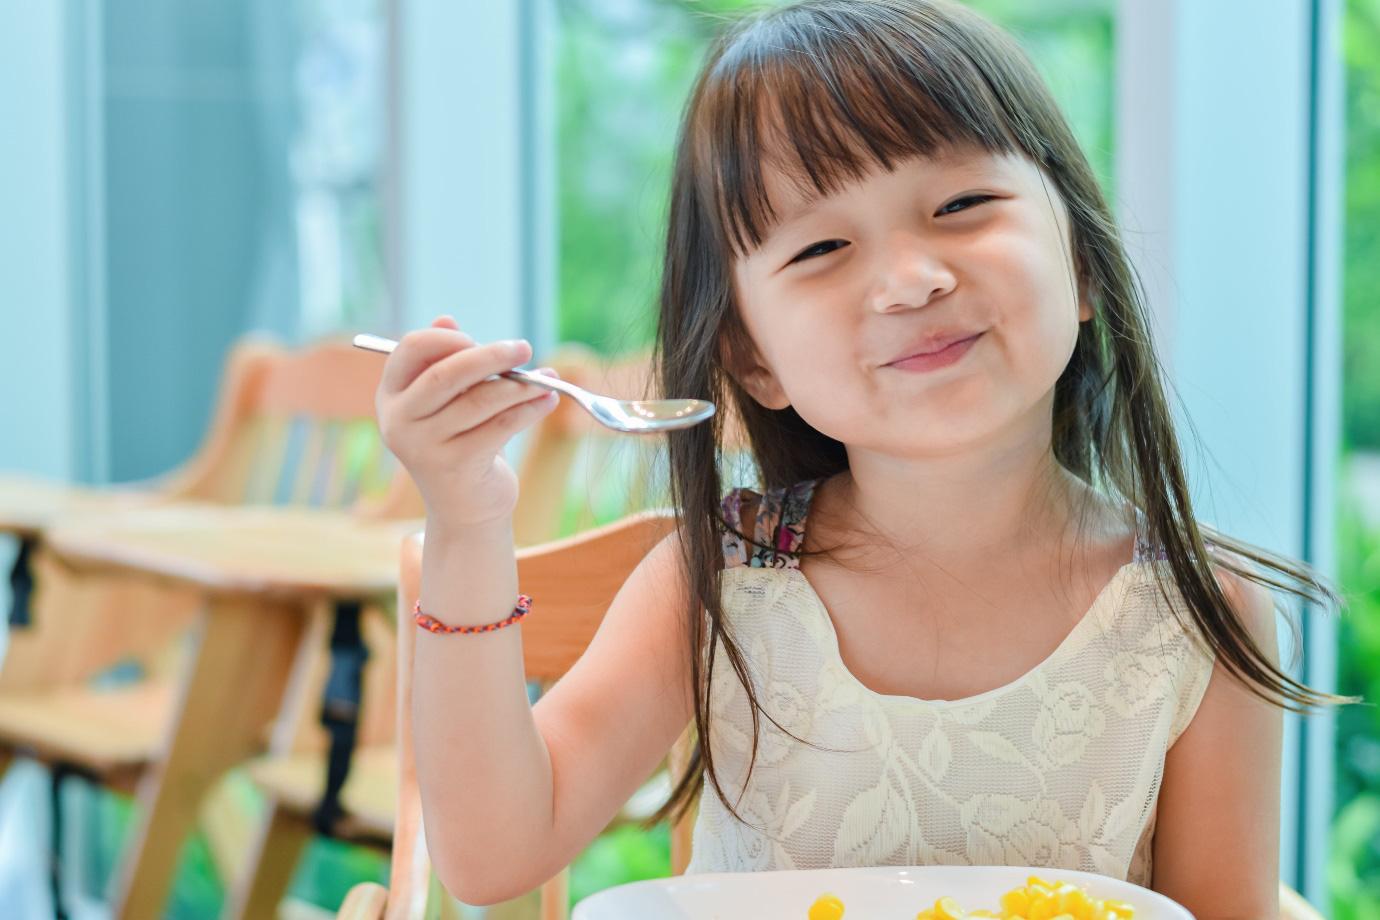 Mách mẹ bí kíp hỗ trợ hệ tiêu hóa của trẻ với men vi sinh Pikabiotic - Ảnh 2.